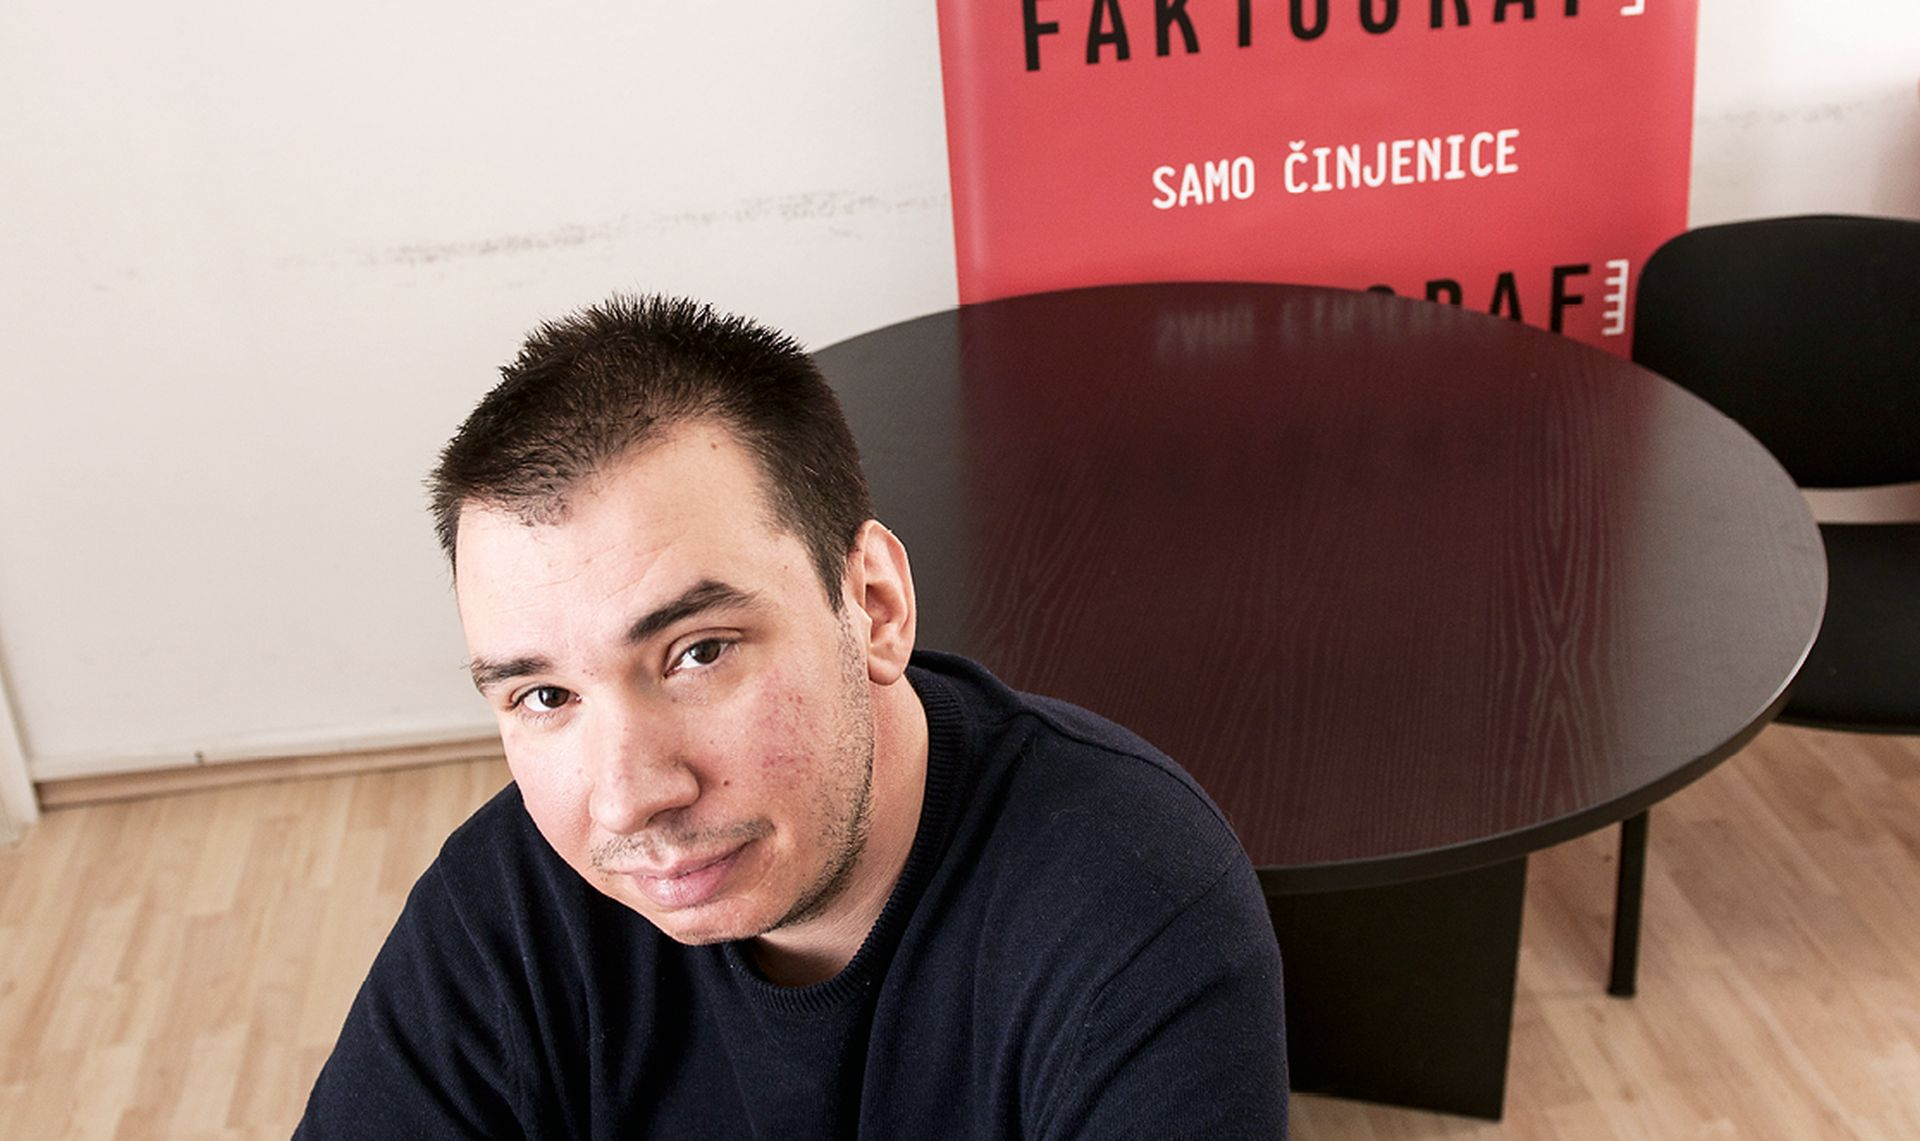 Faktograf.hr: 'Lovimo najveće lažove u hrvatskoj politici'